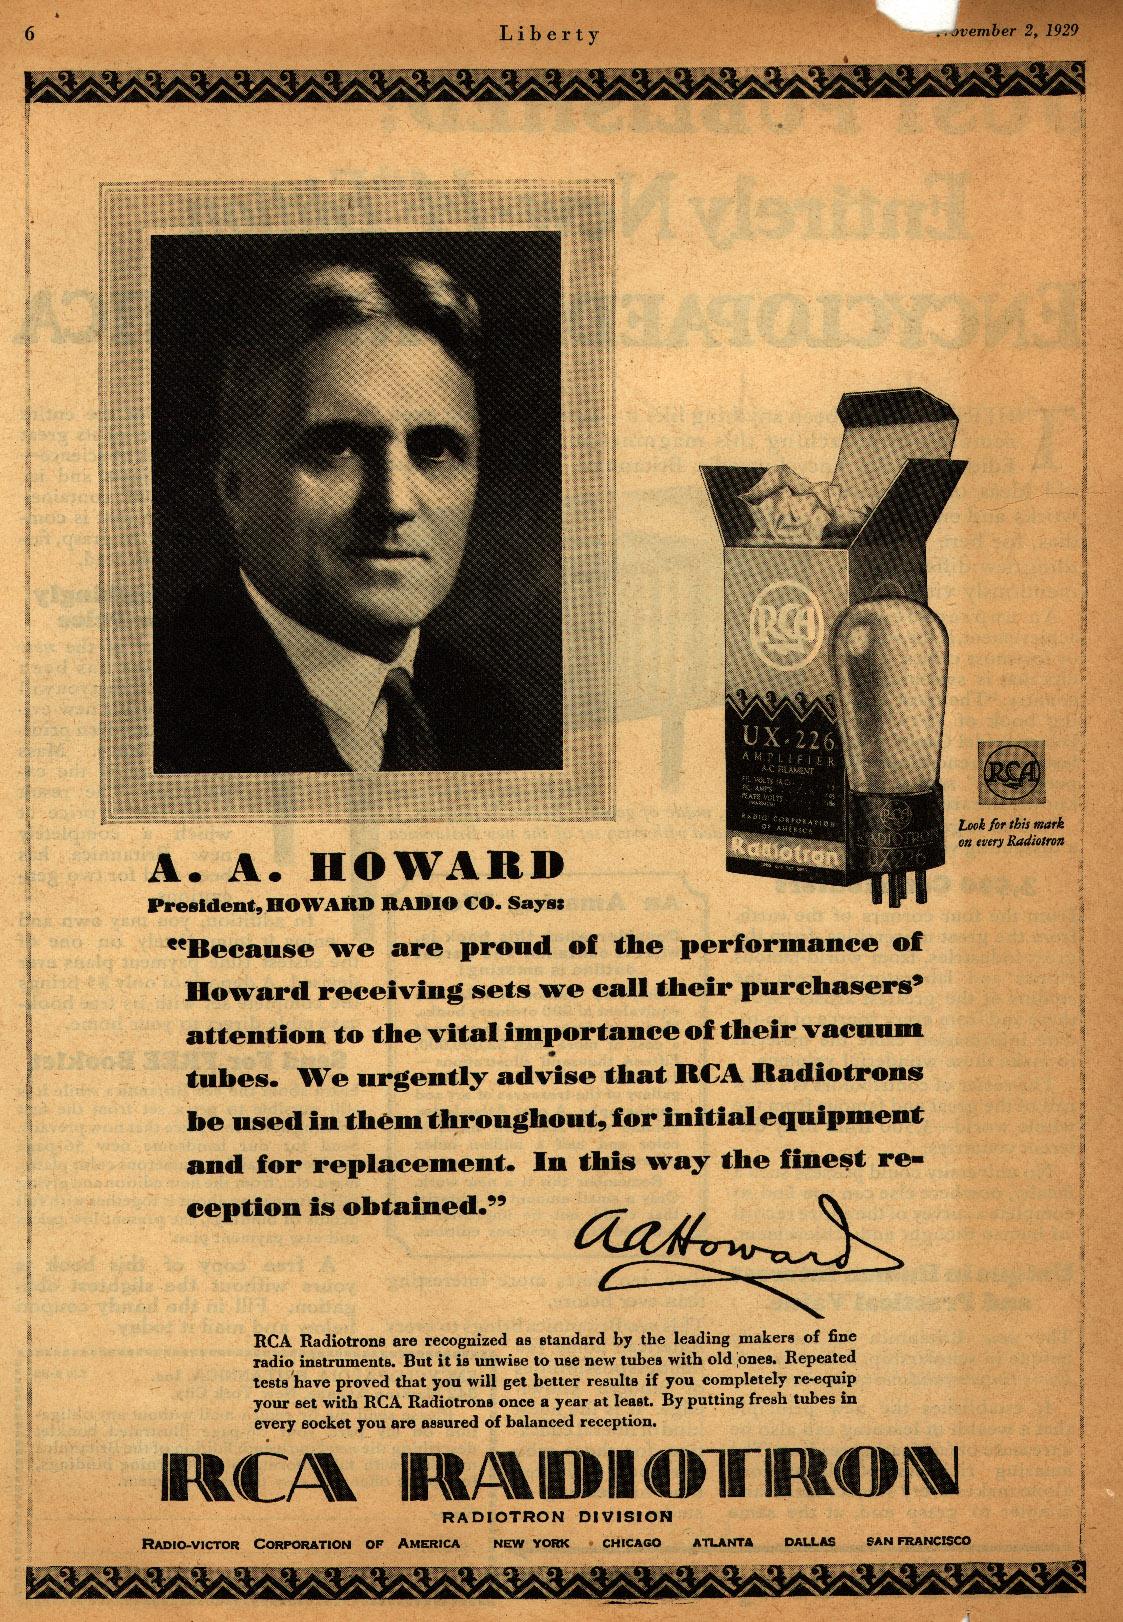 Howard President